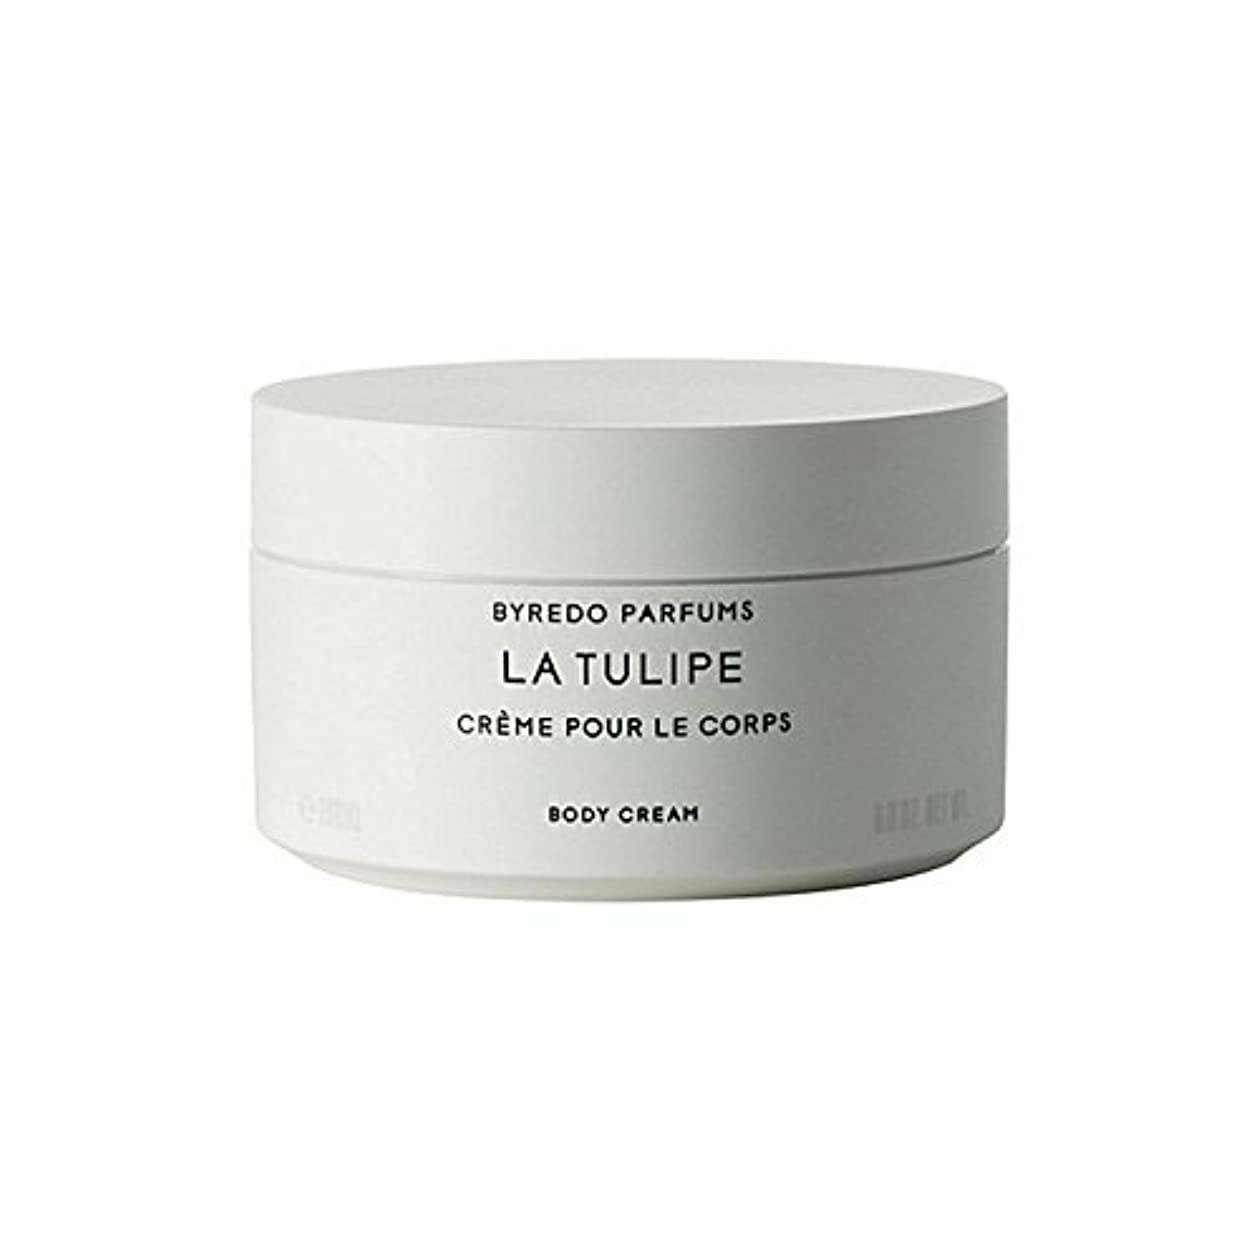 加害者モチーフ回るラチューリップボディクリーム200ミリリットル x4 - Byredo La Tulipe Body Cream 200ml (Pack of 4) [並行輸入品]